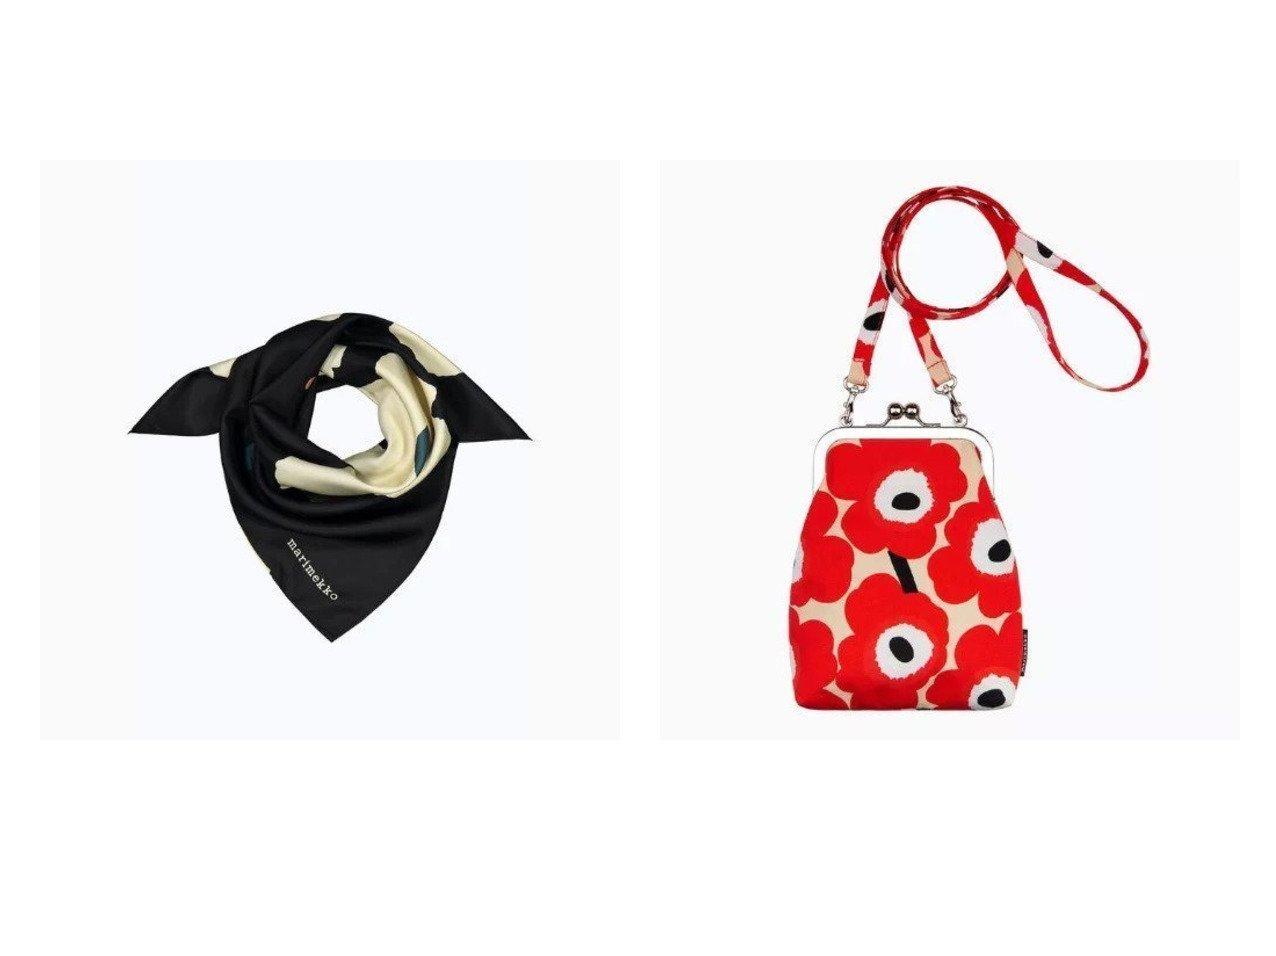 【marimekko/マリメッコ】のLennokki スカーフ&Ainikki Mini Unikko ポシェット マリメッコのおすすめ!人気、トレンド・レディースファッションの通販 おすすめで人気の流行・トレンド、ファッションの通販商品 メンズファッション・キッズファッション・インテリア・家具・レディースファッション・服の通販 founy(ファニー) https://founy.com/ ファッション Fashion レディースファッション WOMEN ストール Scarves マフラー Mufflers ショルダー ポシェット モチーフ おすすめ Recommend シルク スカーフ ストール マフラー リュクス |ID:crp329100000021912